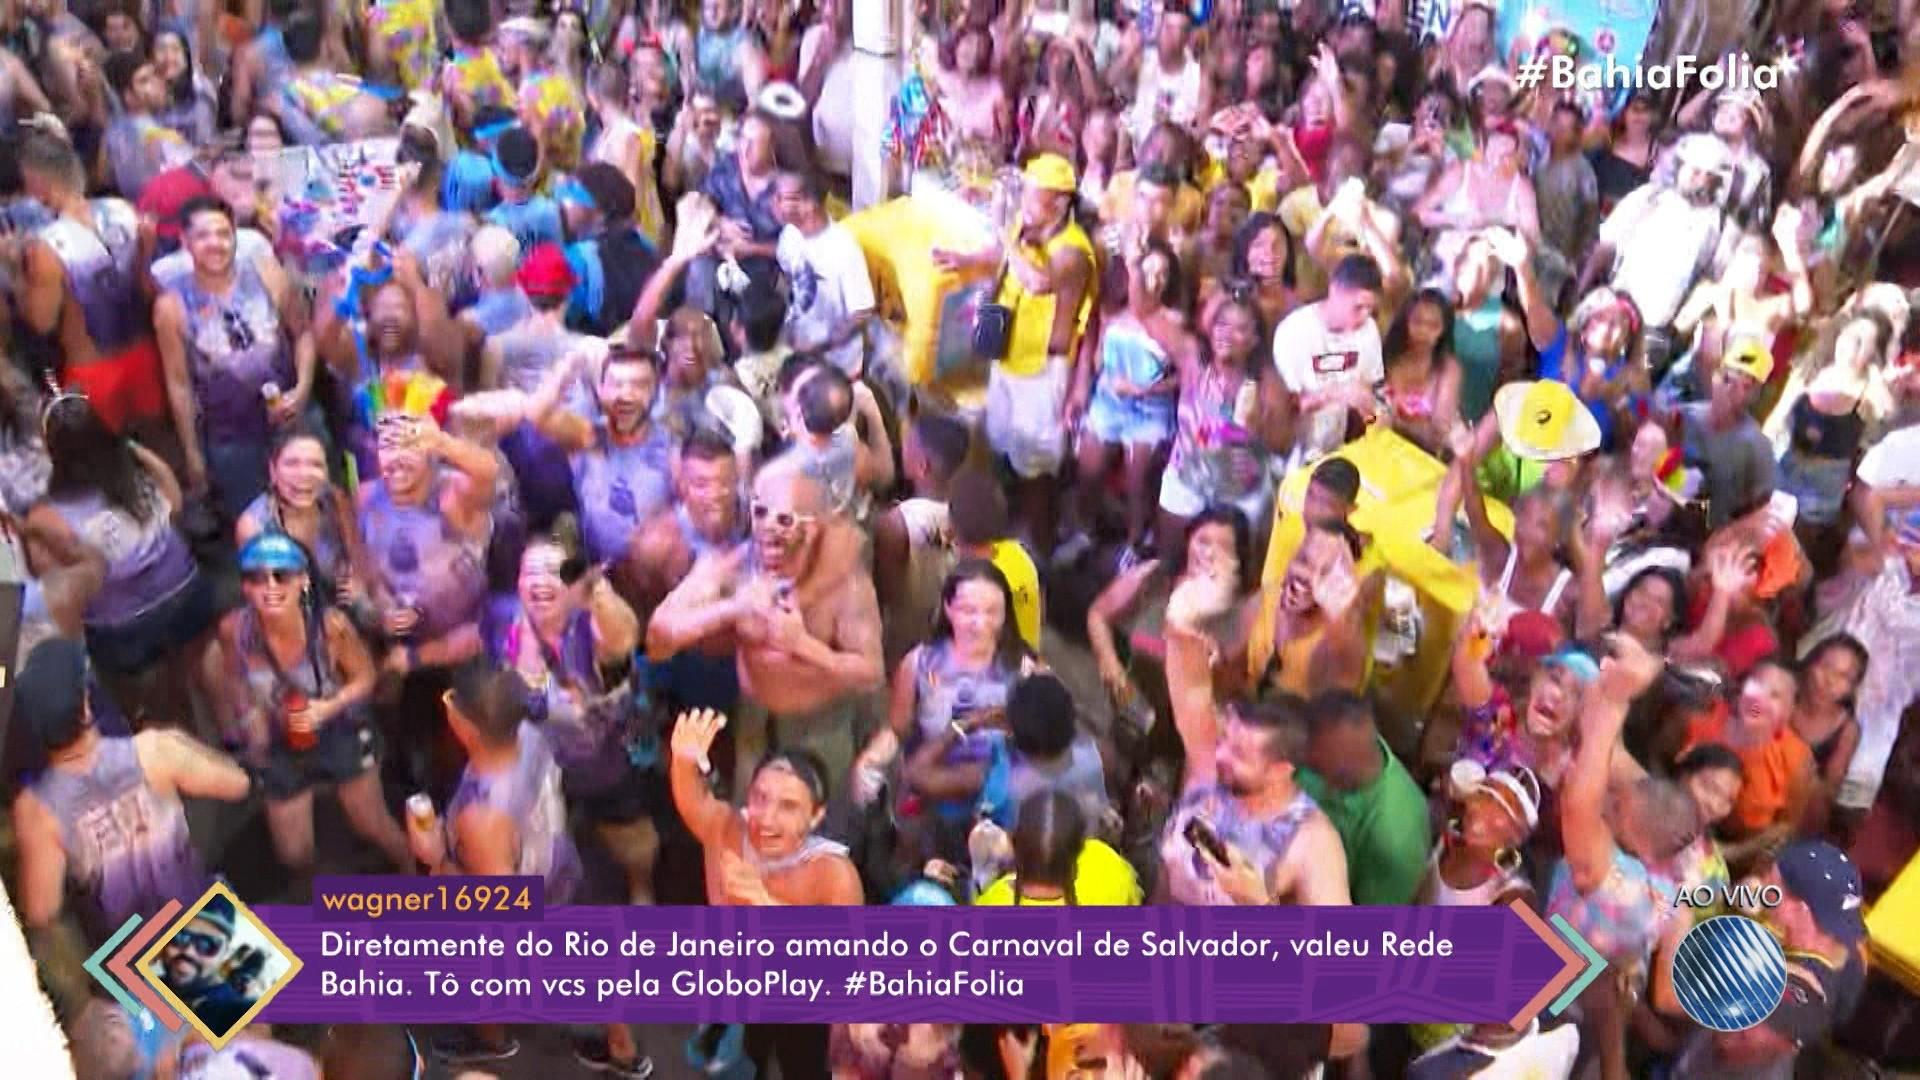 Carnaval de Salvador: sábado, 22 de fevereiro de 2020